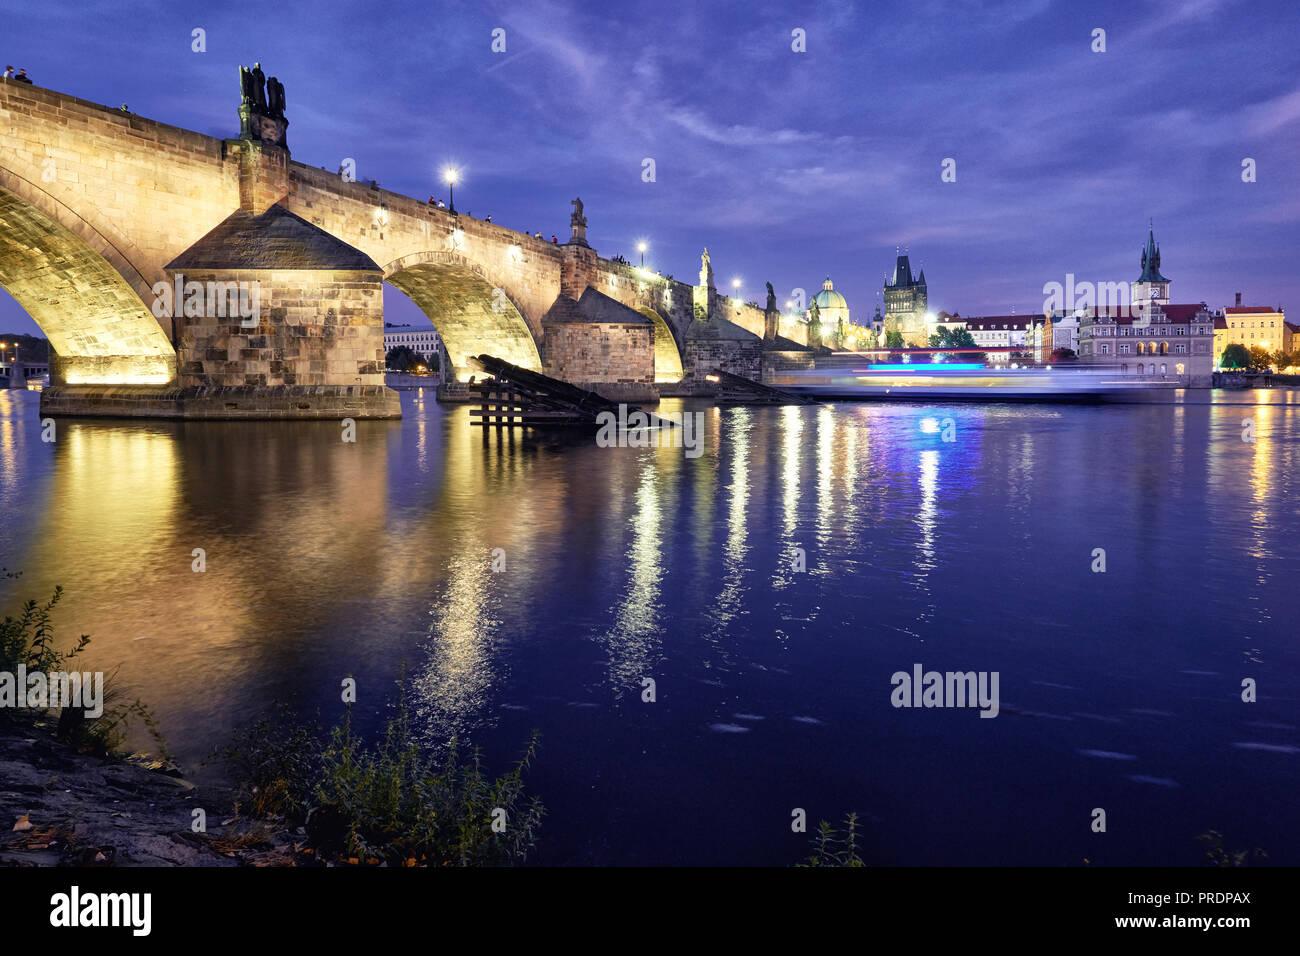 Romantisch beleuchteten Prag, Karlsbrücke, spiegelt sich in der Moldau bei Nacht Stockbild